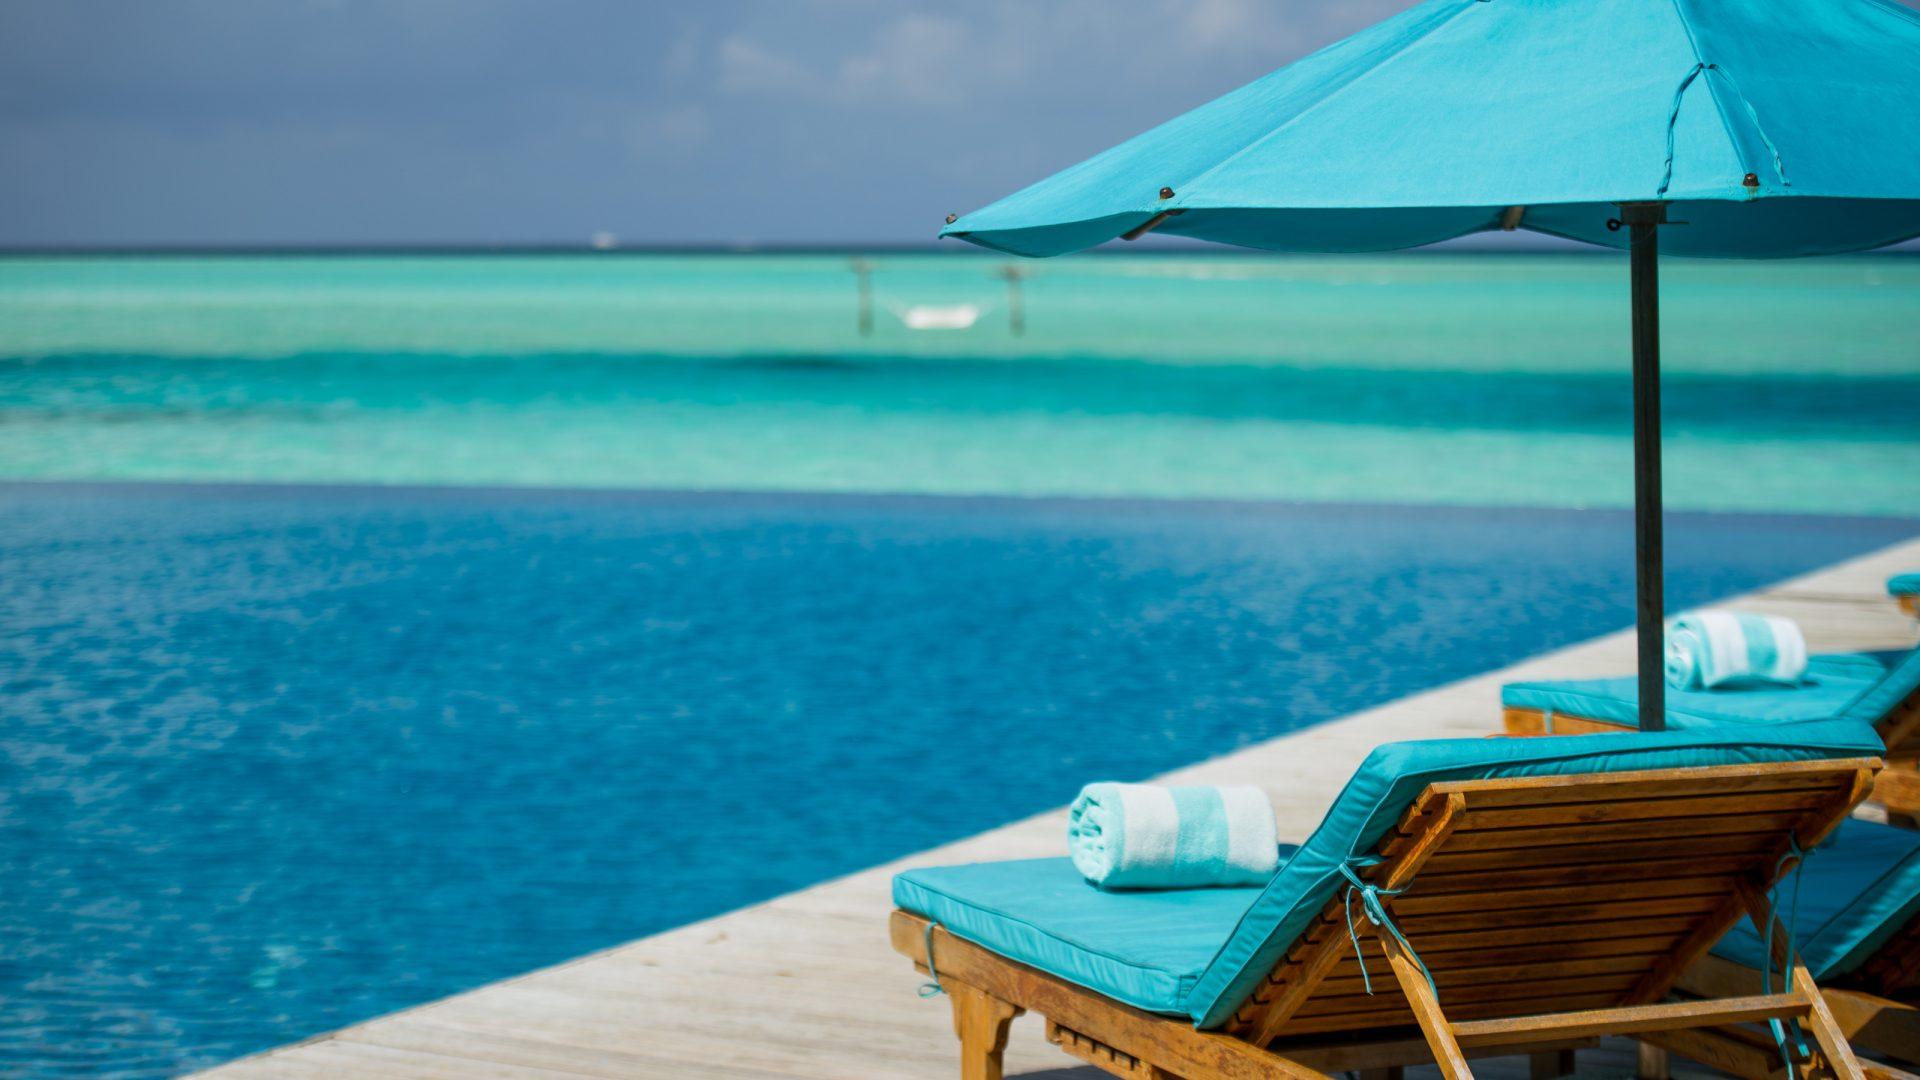 Share Cancun | Los mejores hoteles de Cancún y la Riviera Maya